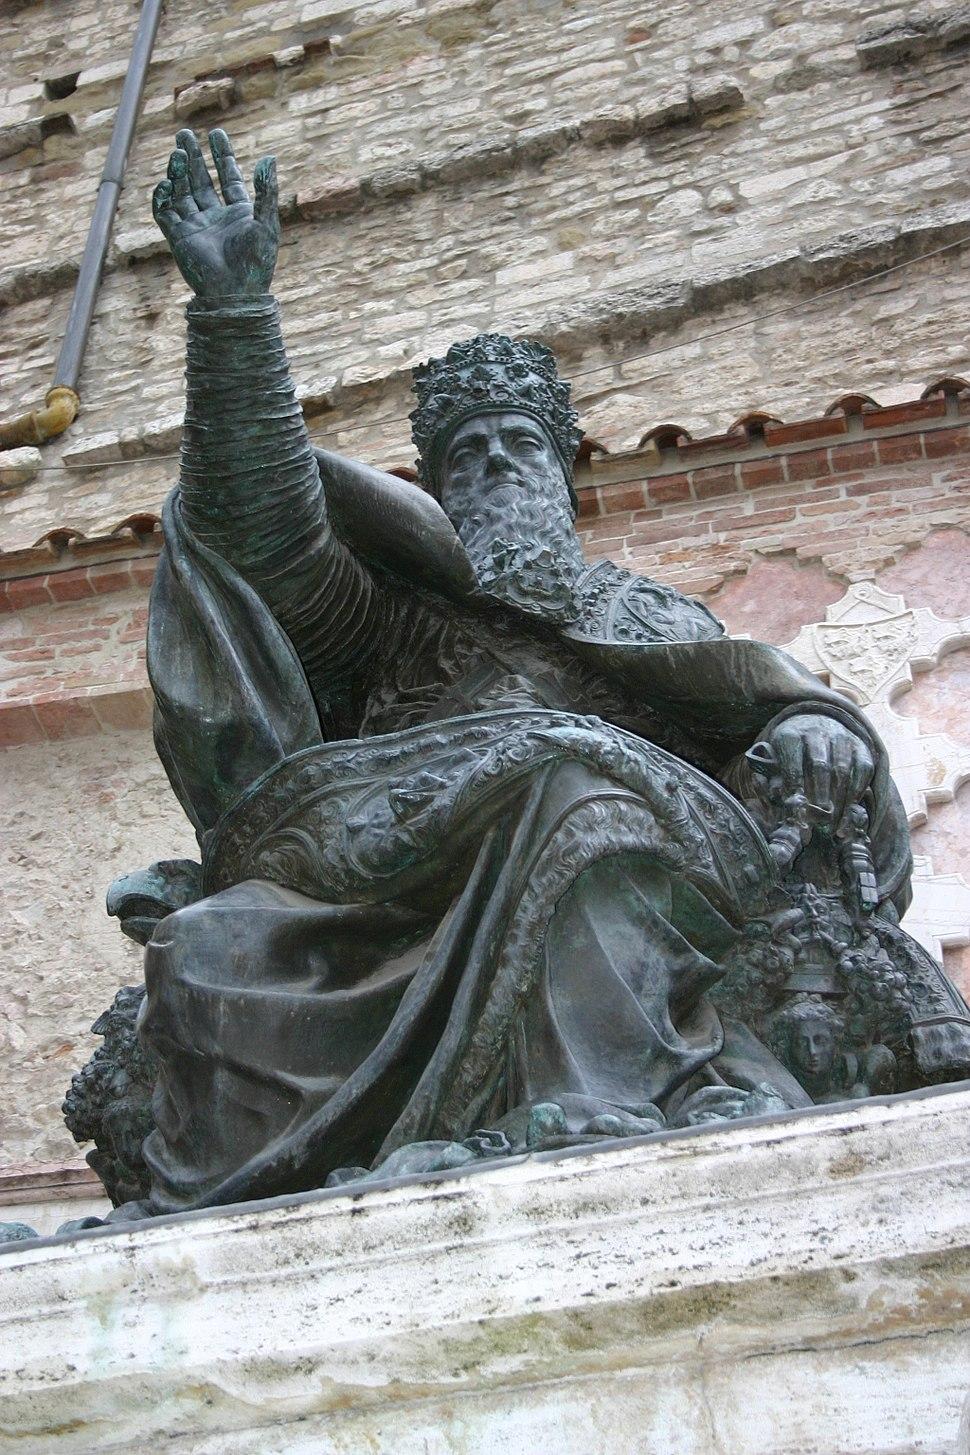 IMG 0684 - Danti, Vincenzo - Giulio III -1555- - Foto G. Dall'Orto - 5 ago 2006 - 01